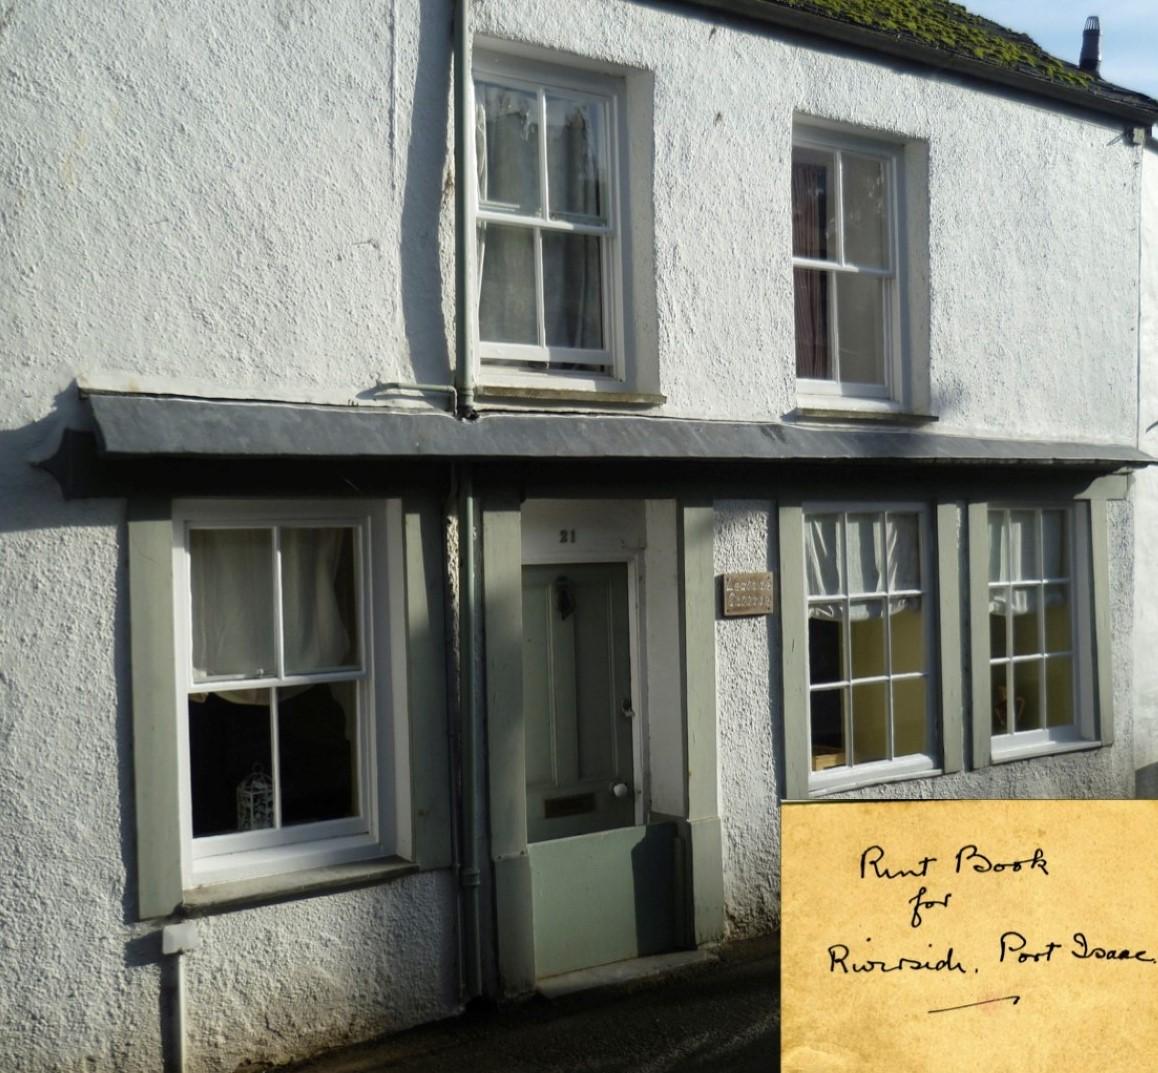 Leatside Cottage, Middle Street